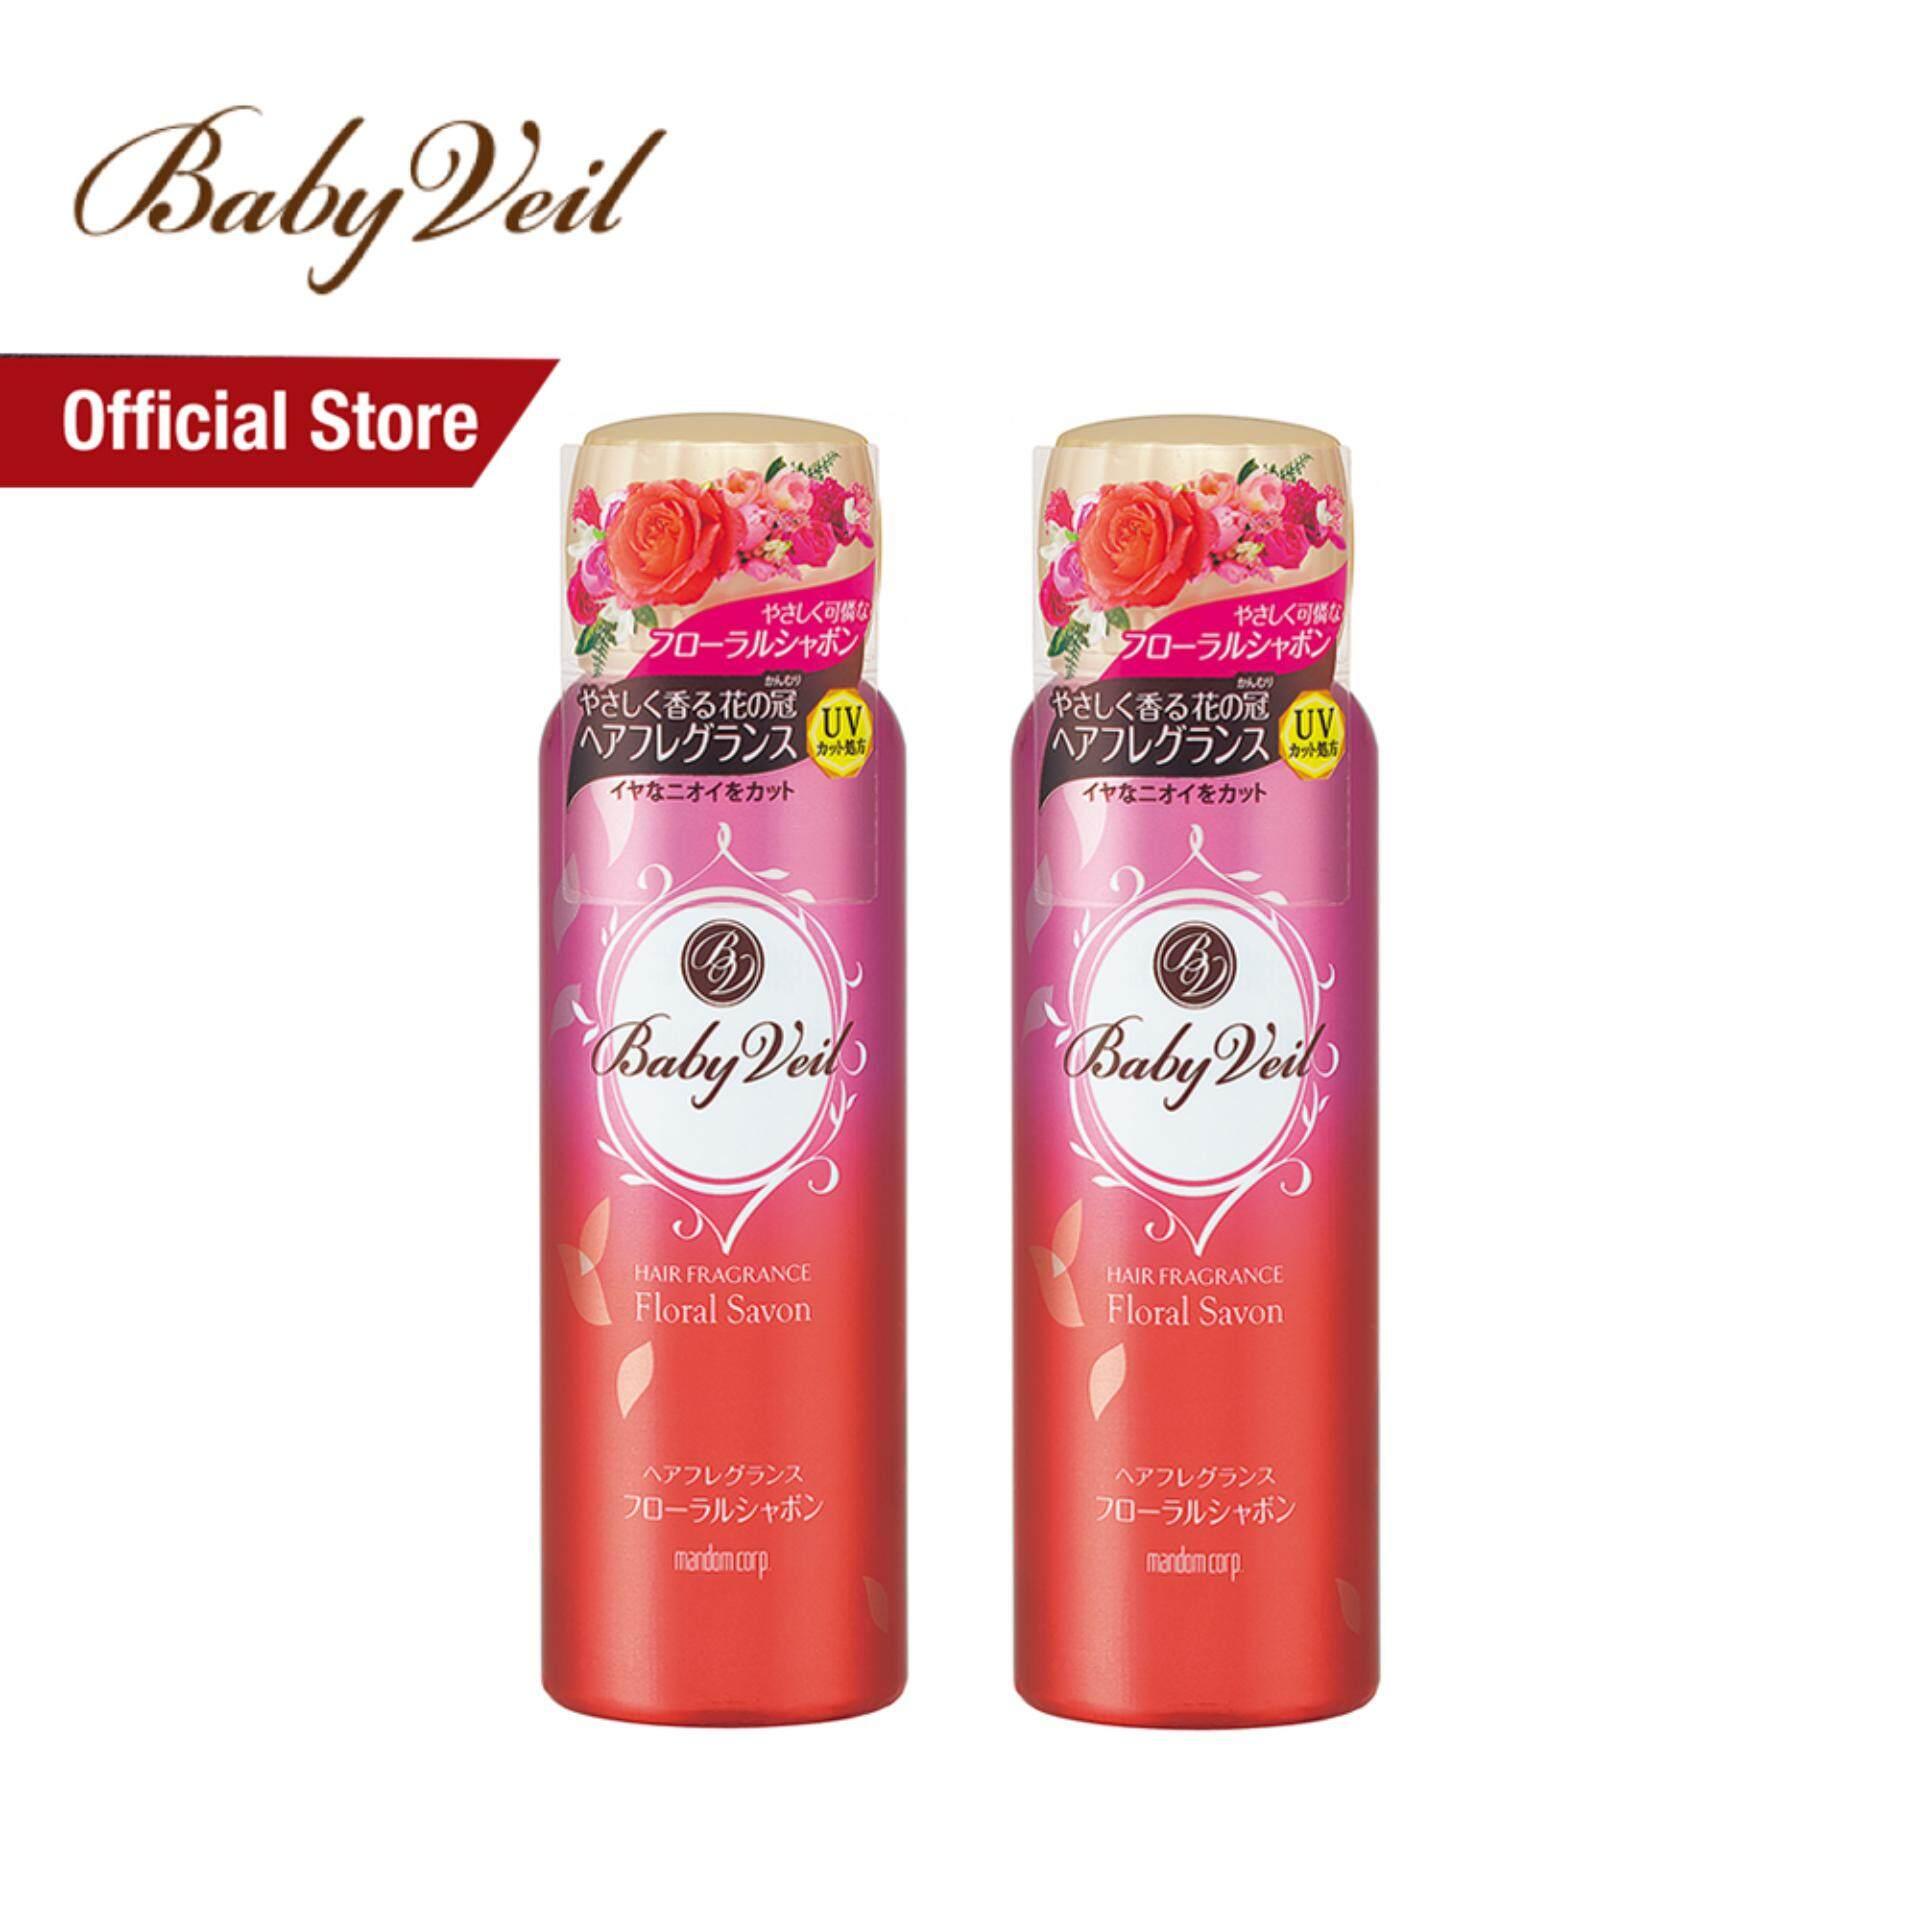 [ซื้อ 1 แถม 1] - Baby Veil Hair Fragrance Floral Savon สเปรย์หอมฉีดผม กลิ่น ฟลอรัล ซาวอน 80 G. By Bifesta Official.